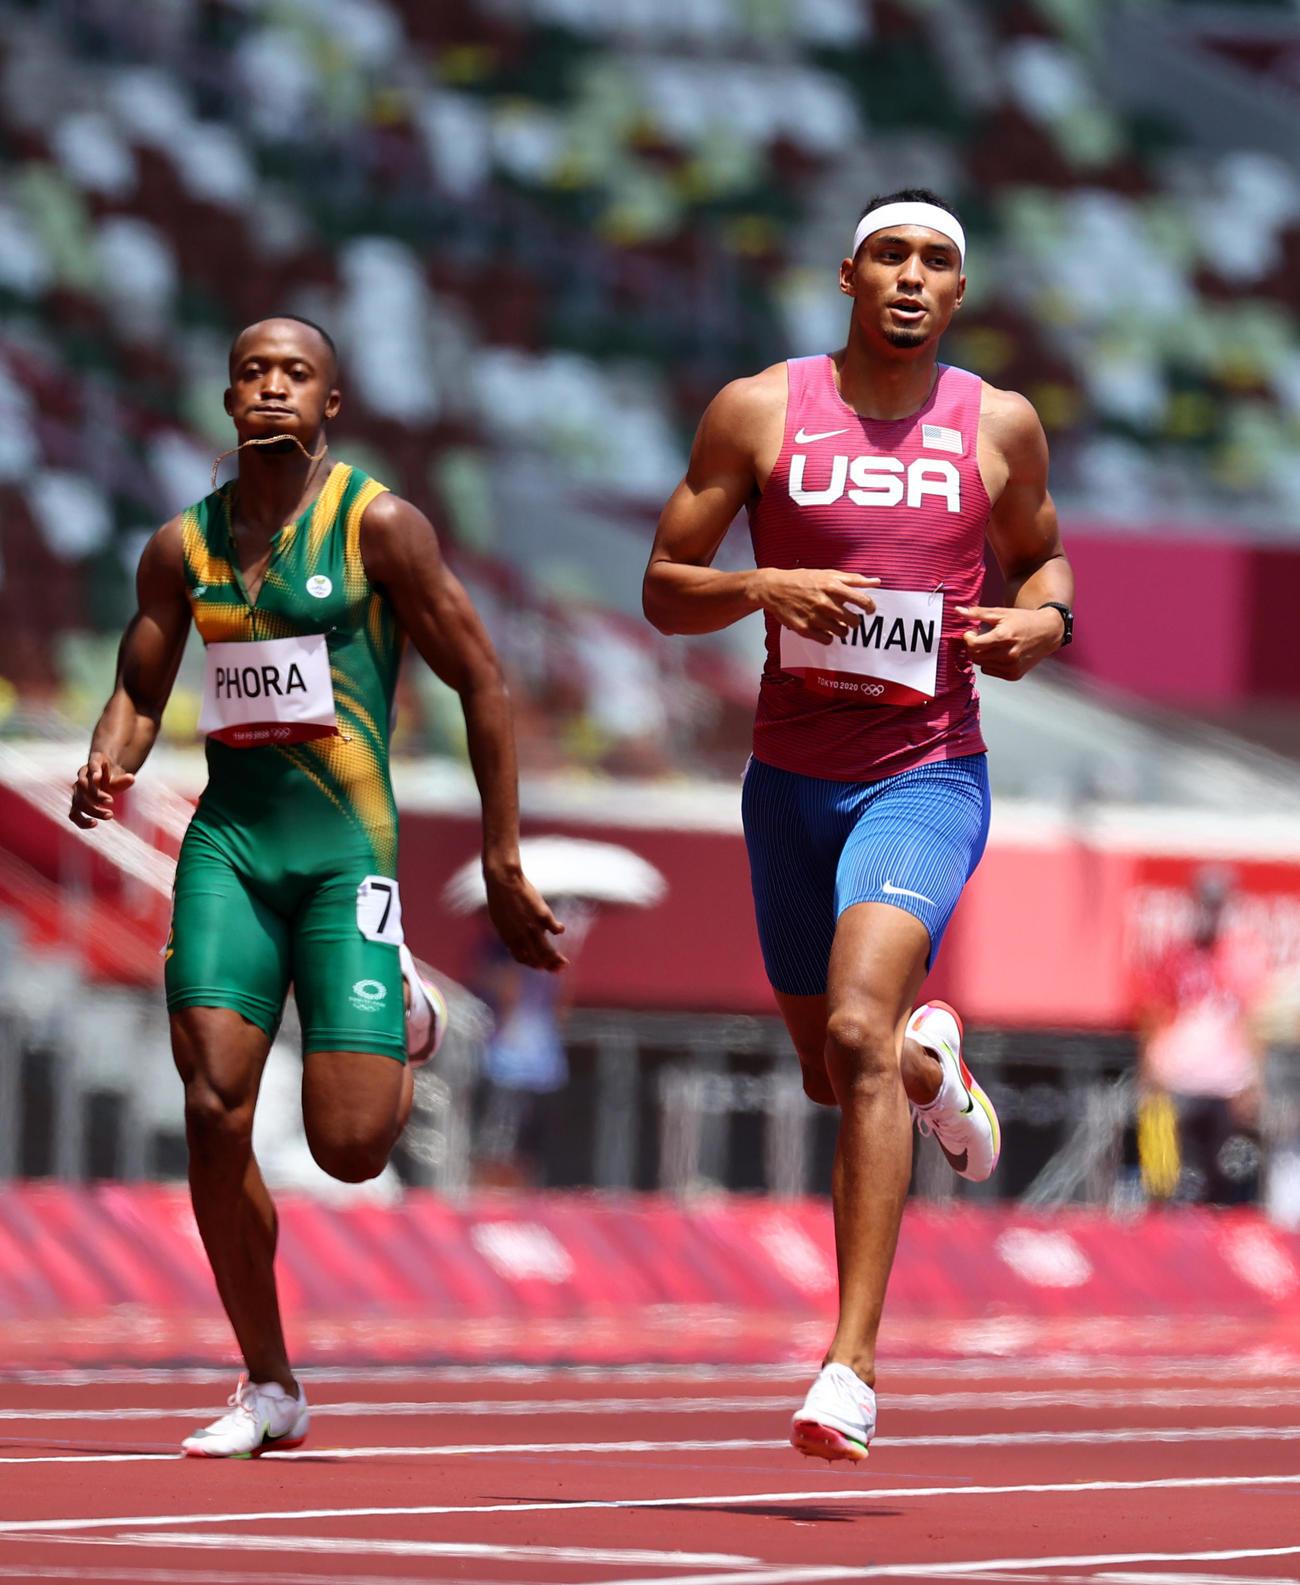 陸上男子400メートル 準決勝進出を決めたアメリカのマイケル・ノーマン(右=ロイター)